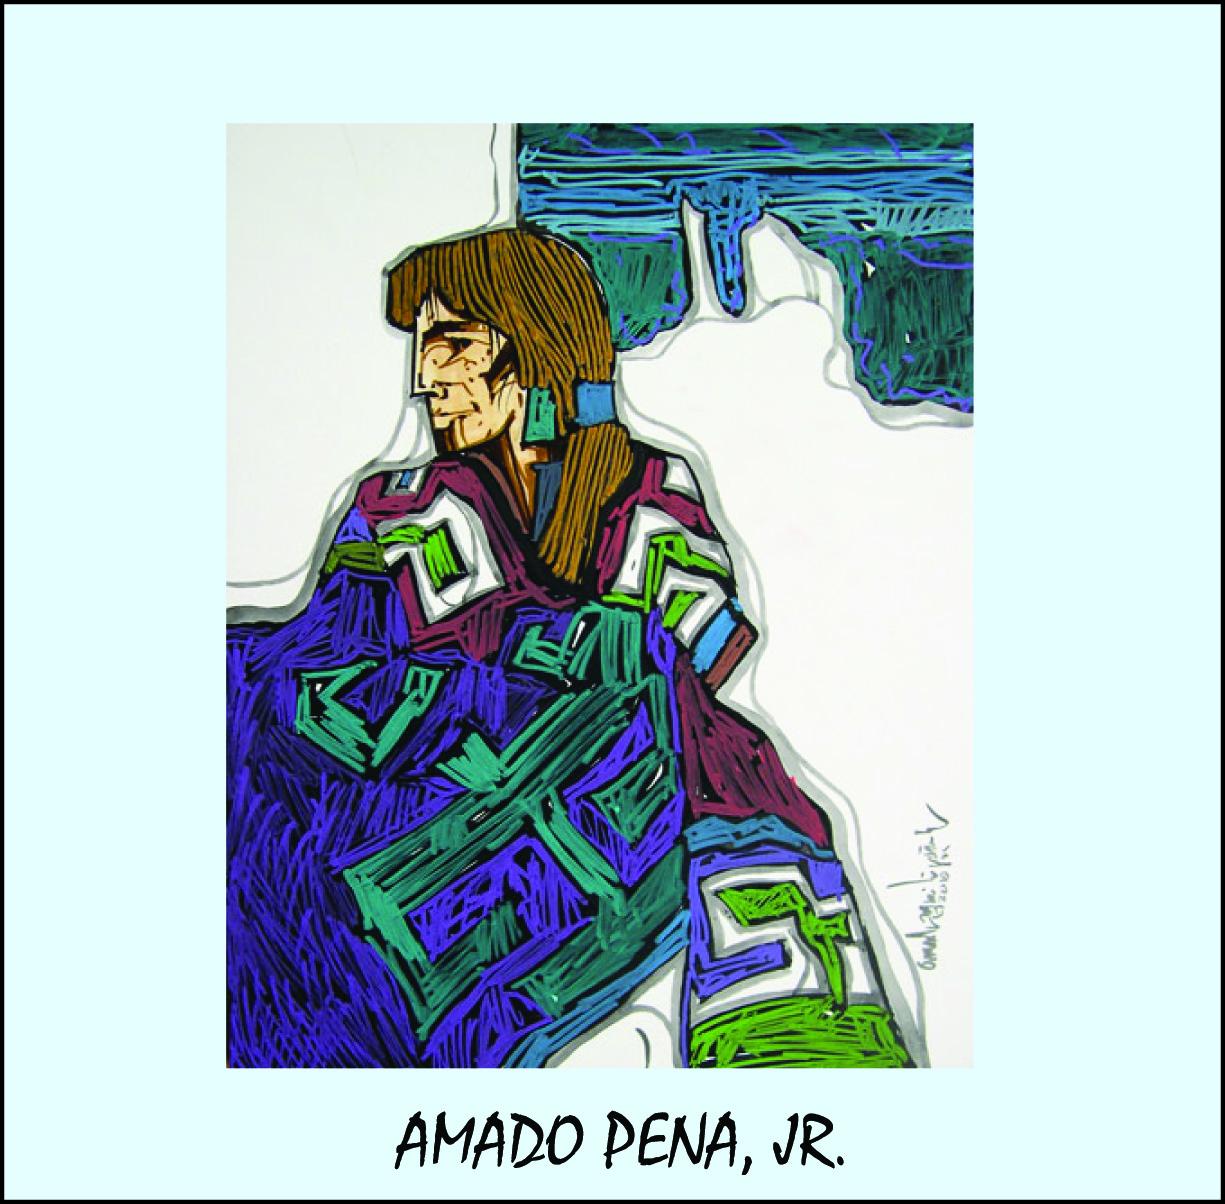 Amado Pena, Jr.